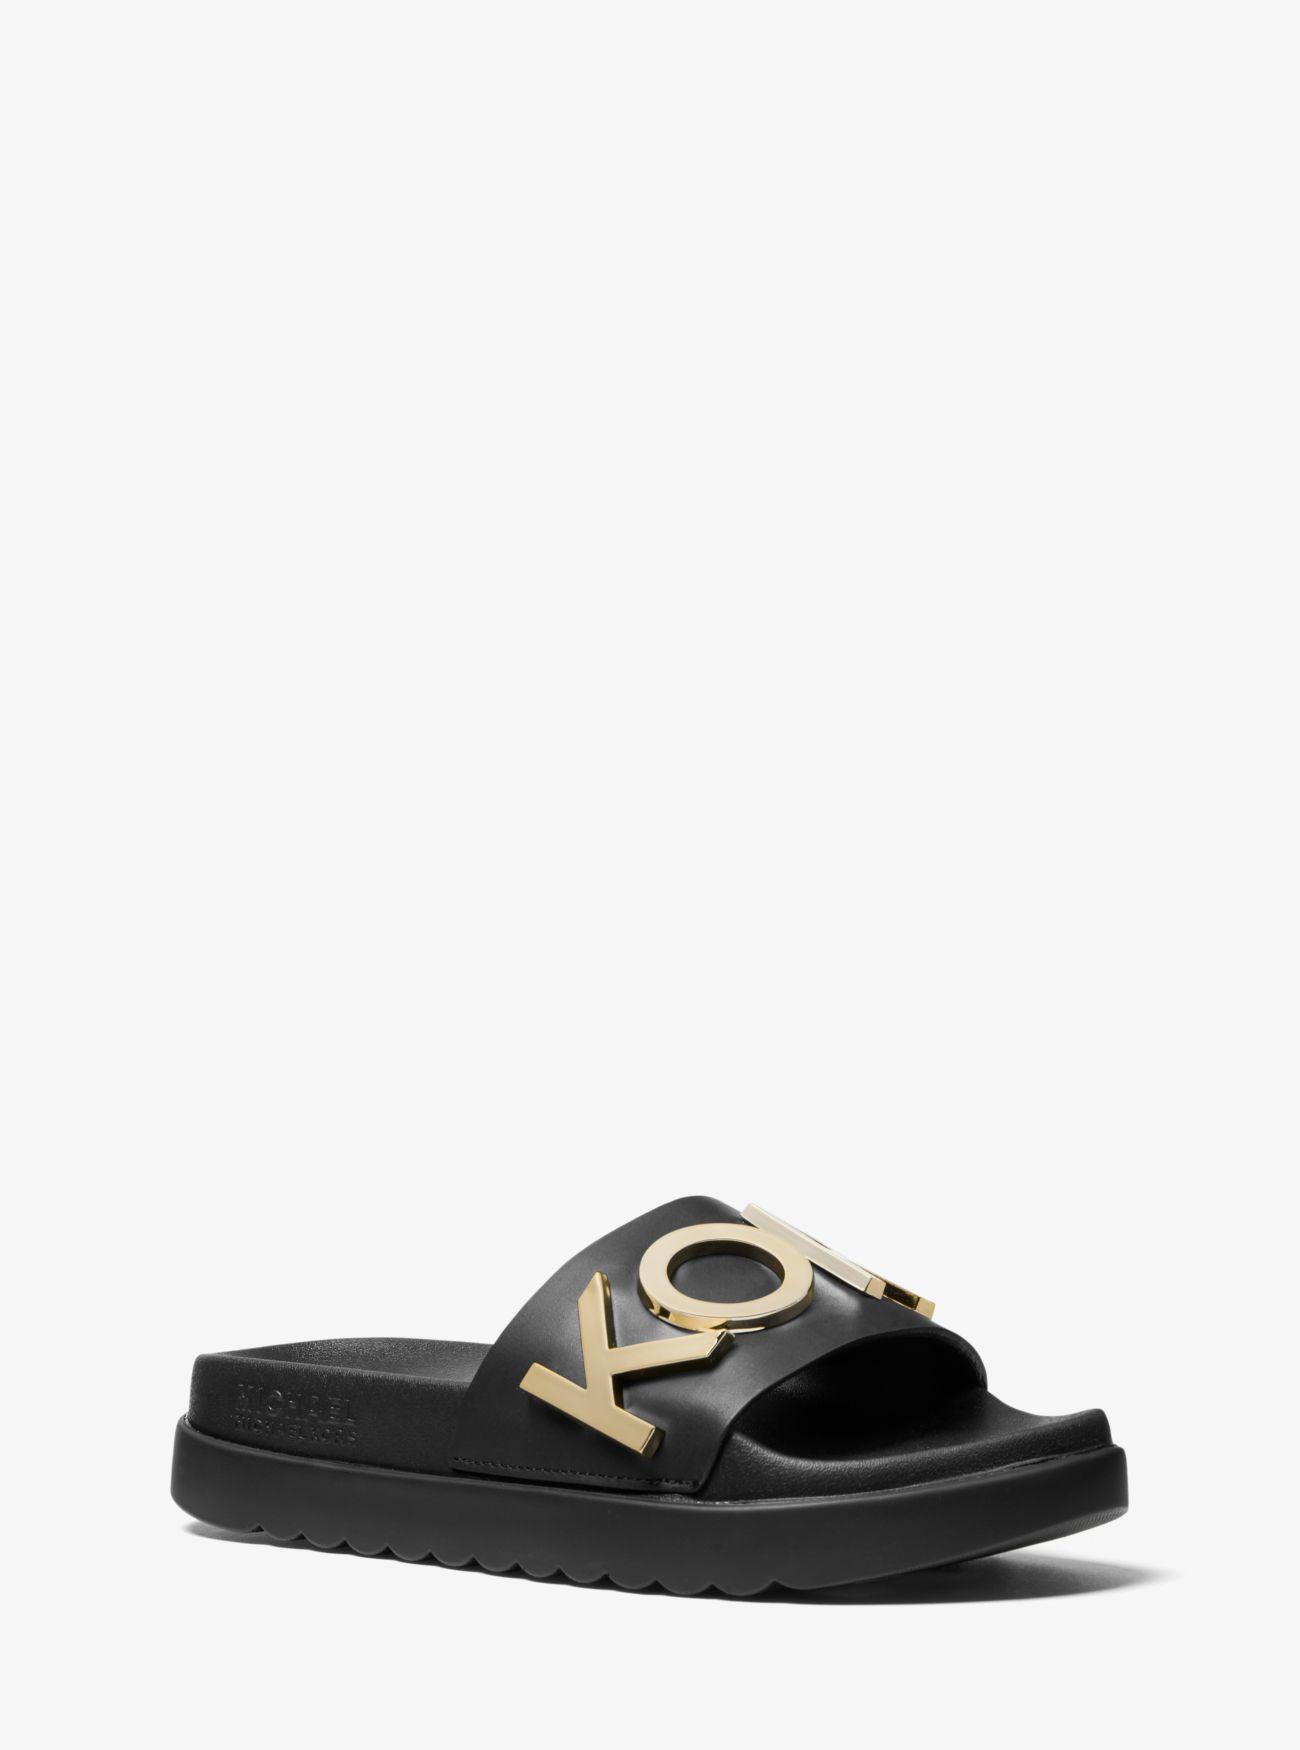 Michael Kors Cortlandt Embellished Leather Slide Sandal In